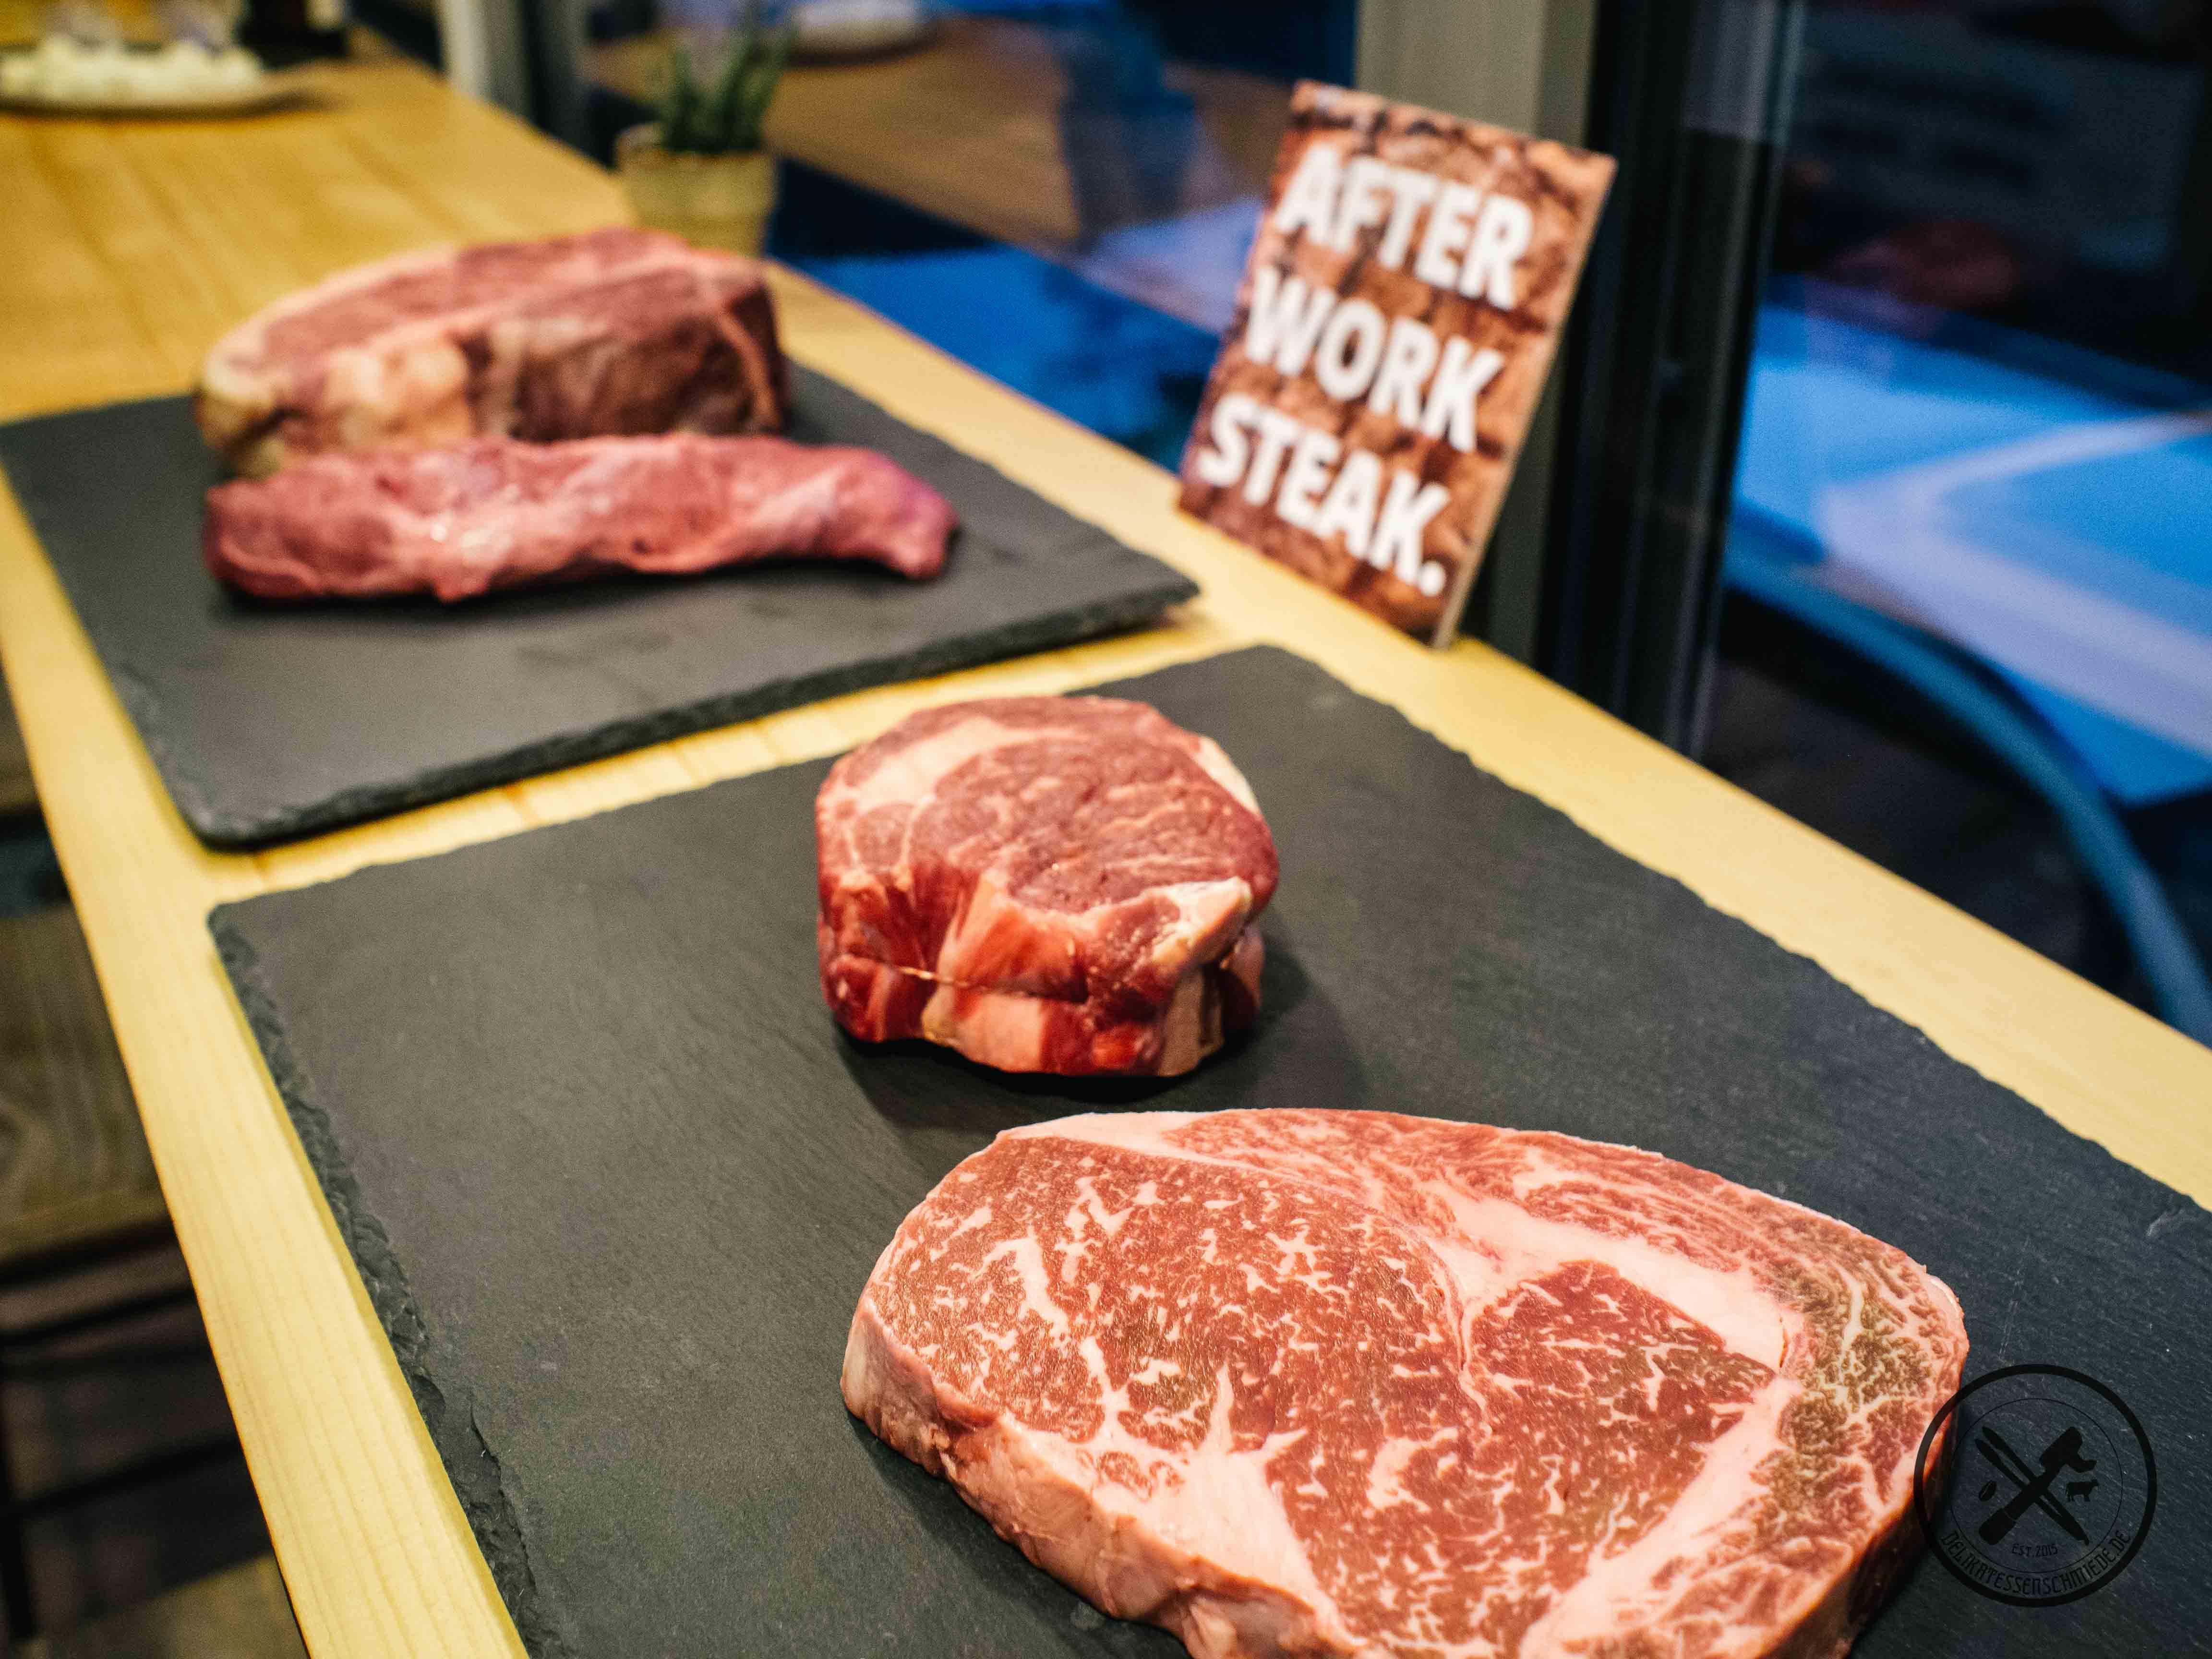 After_work_Steak-1